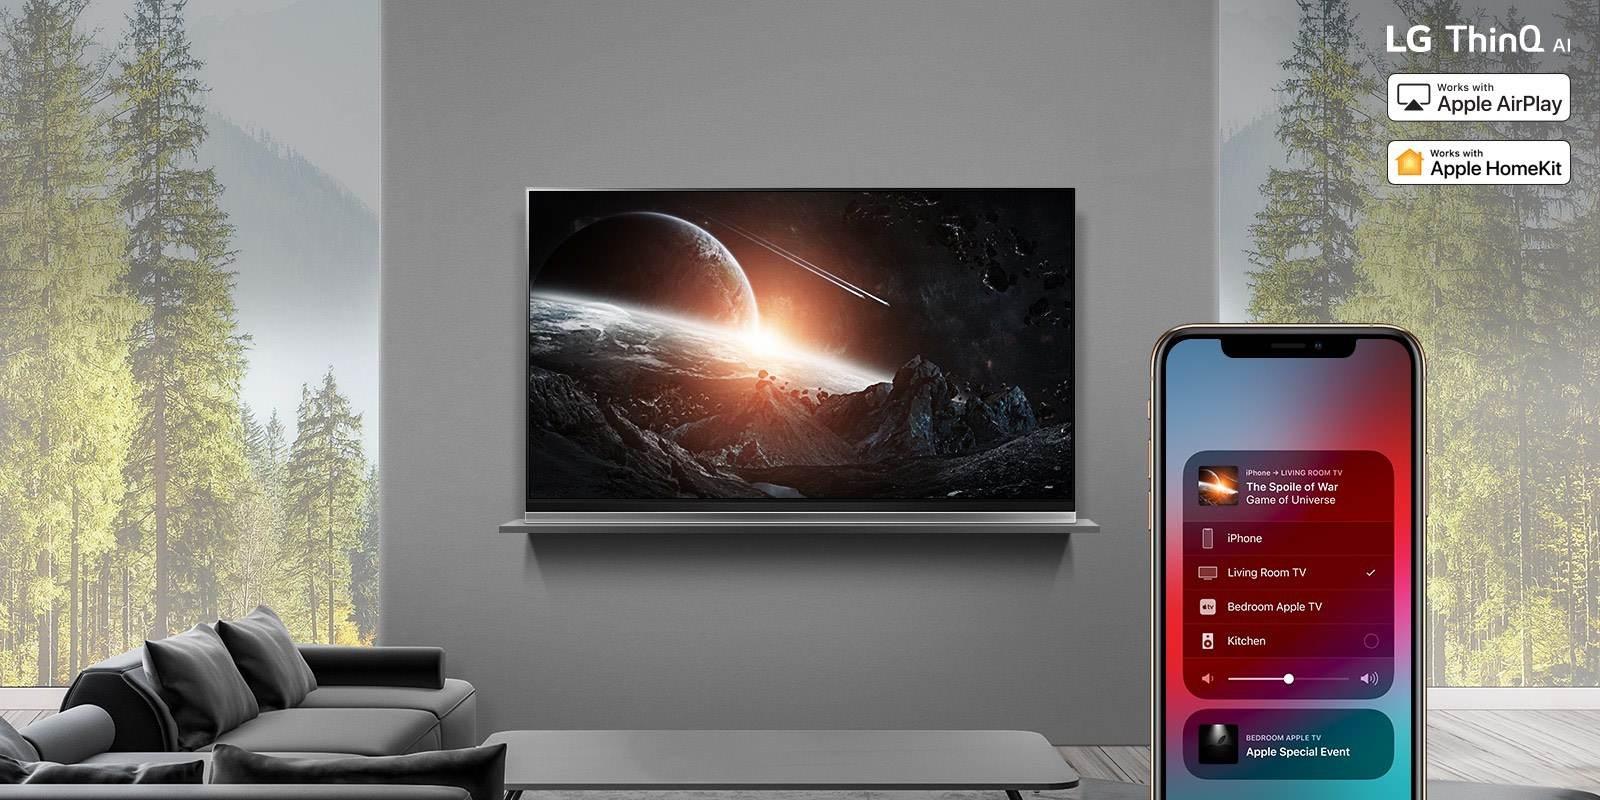 LG Fernseher: Update bringt Apple HomeKit und AirPlay 2